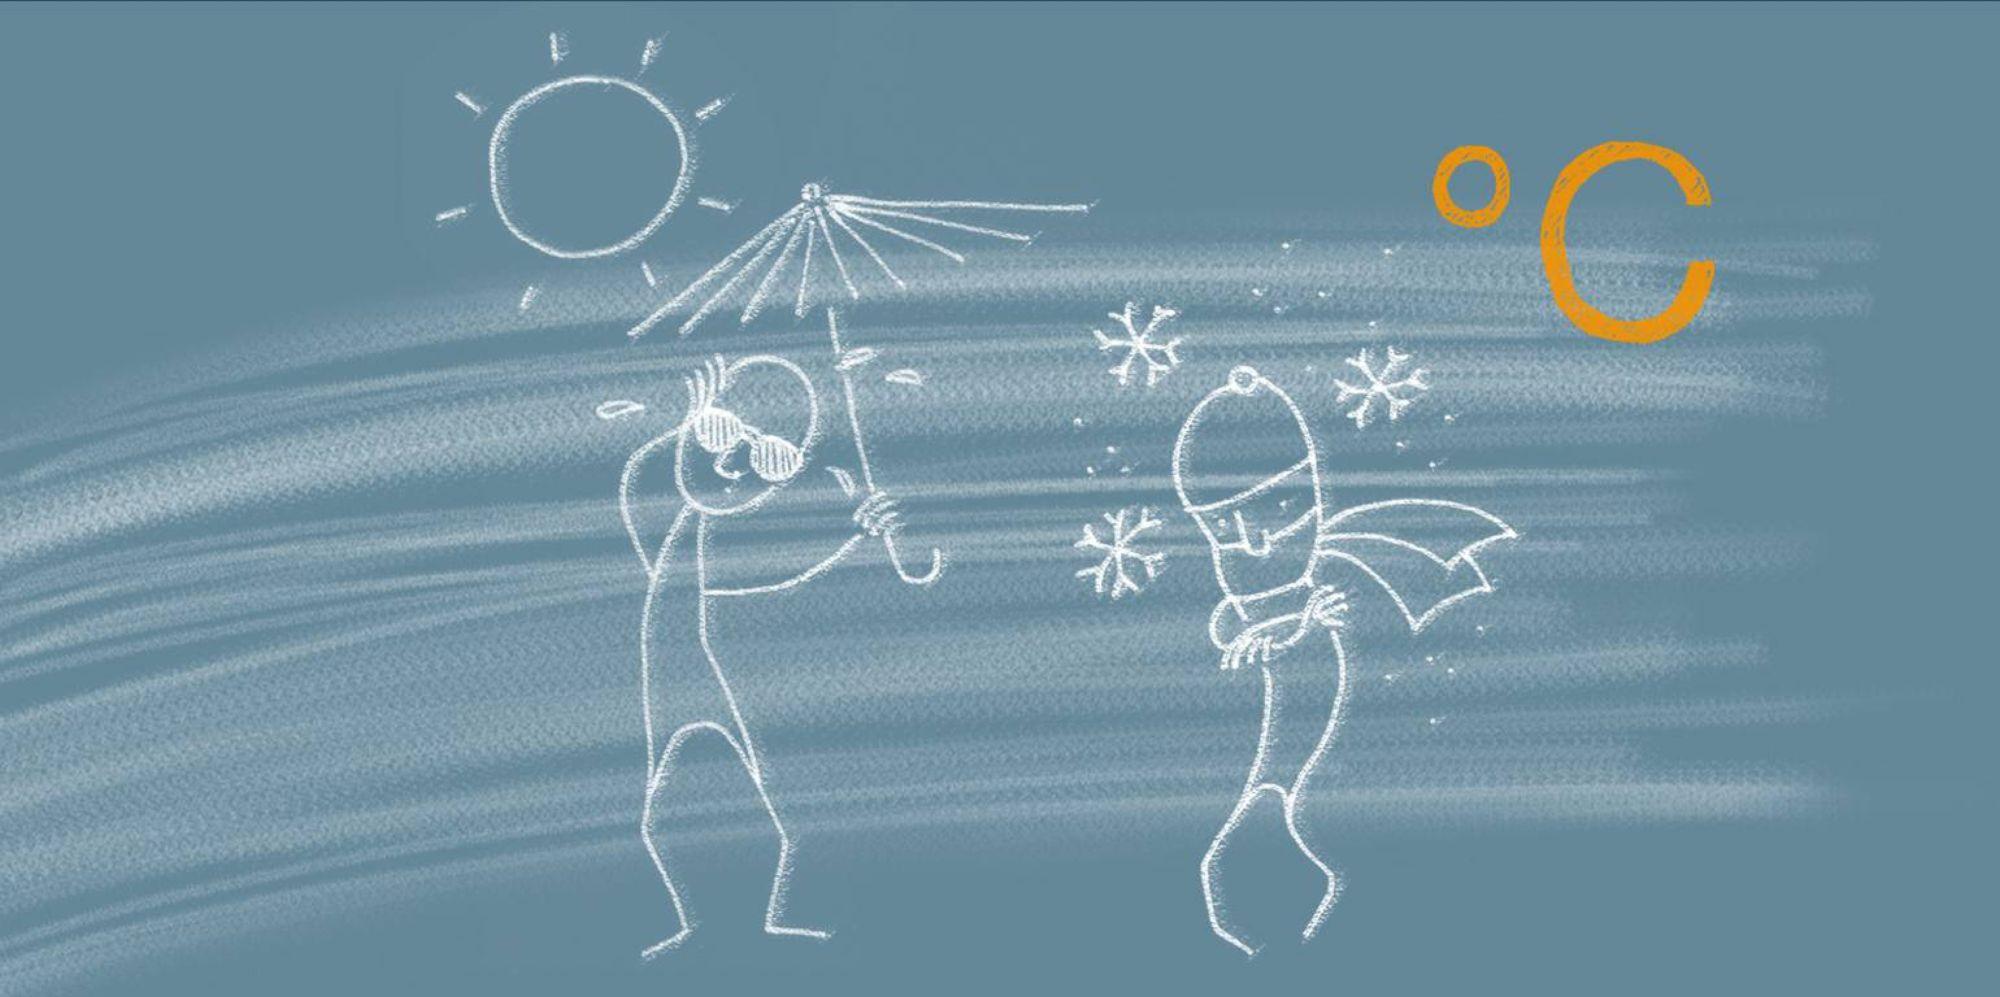 teaser-akademie-online-klima-seminar-temperatur.jpg